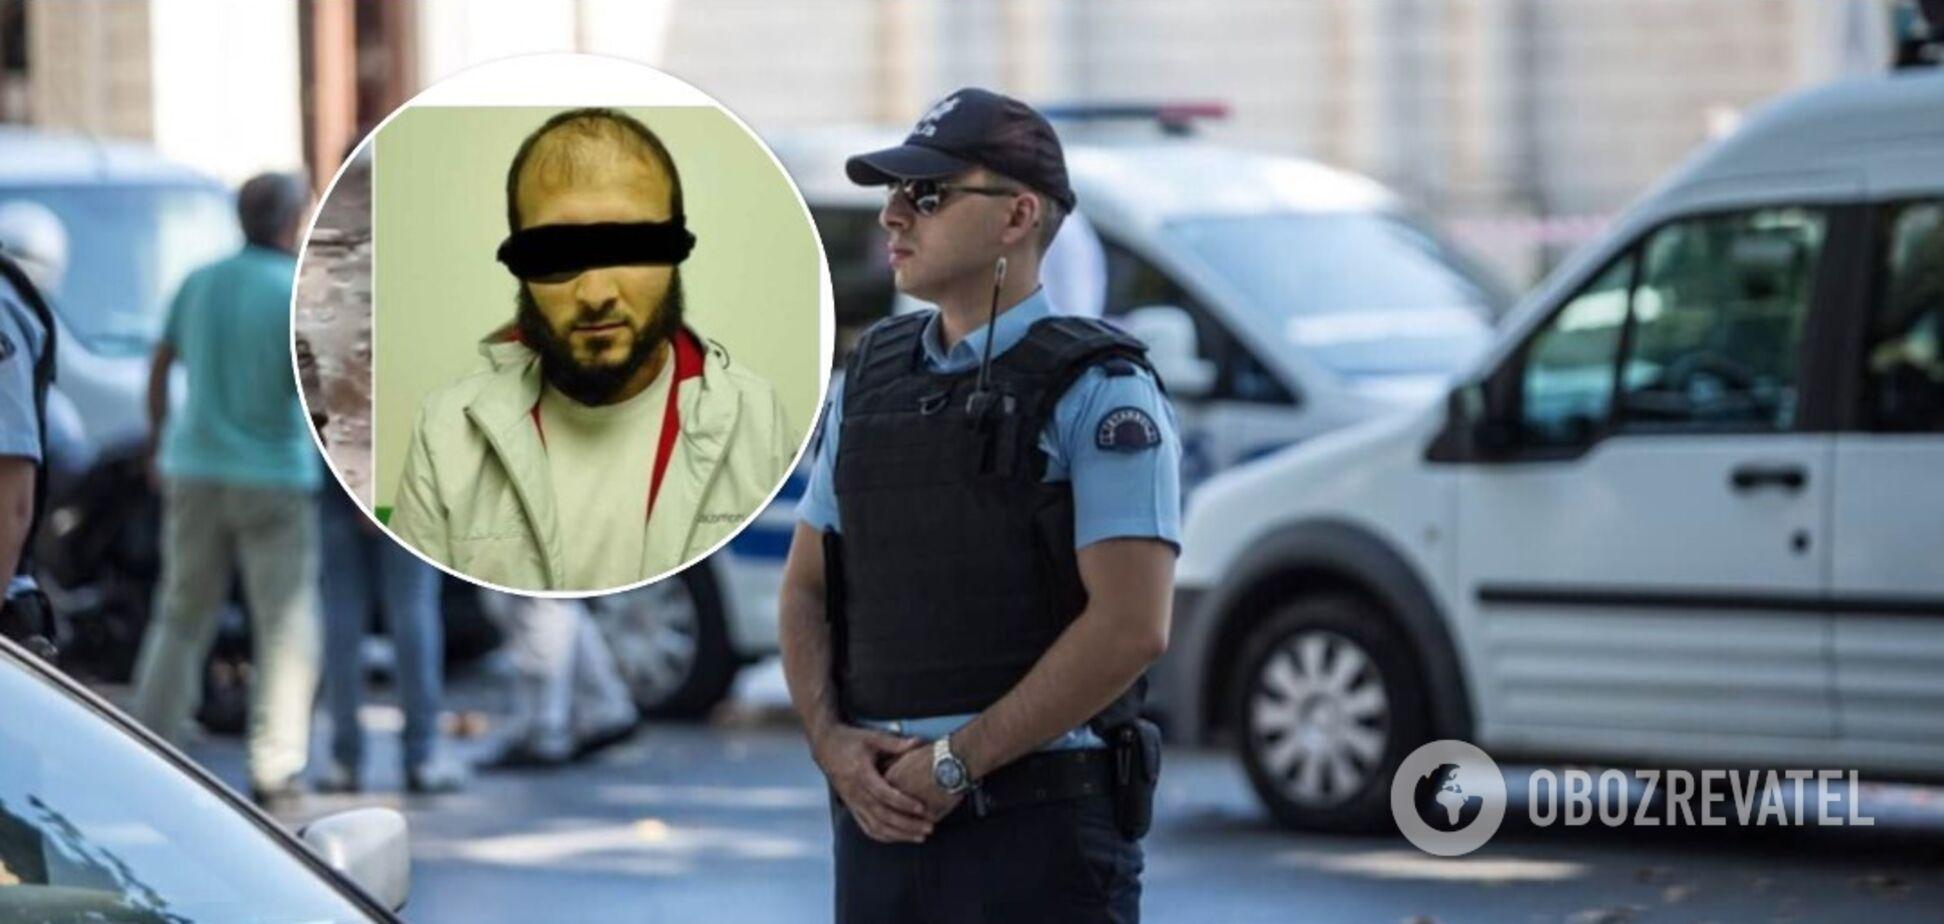 У Стамбулі затримано громадянина Афганістану на прізвисько Басім